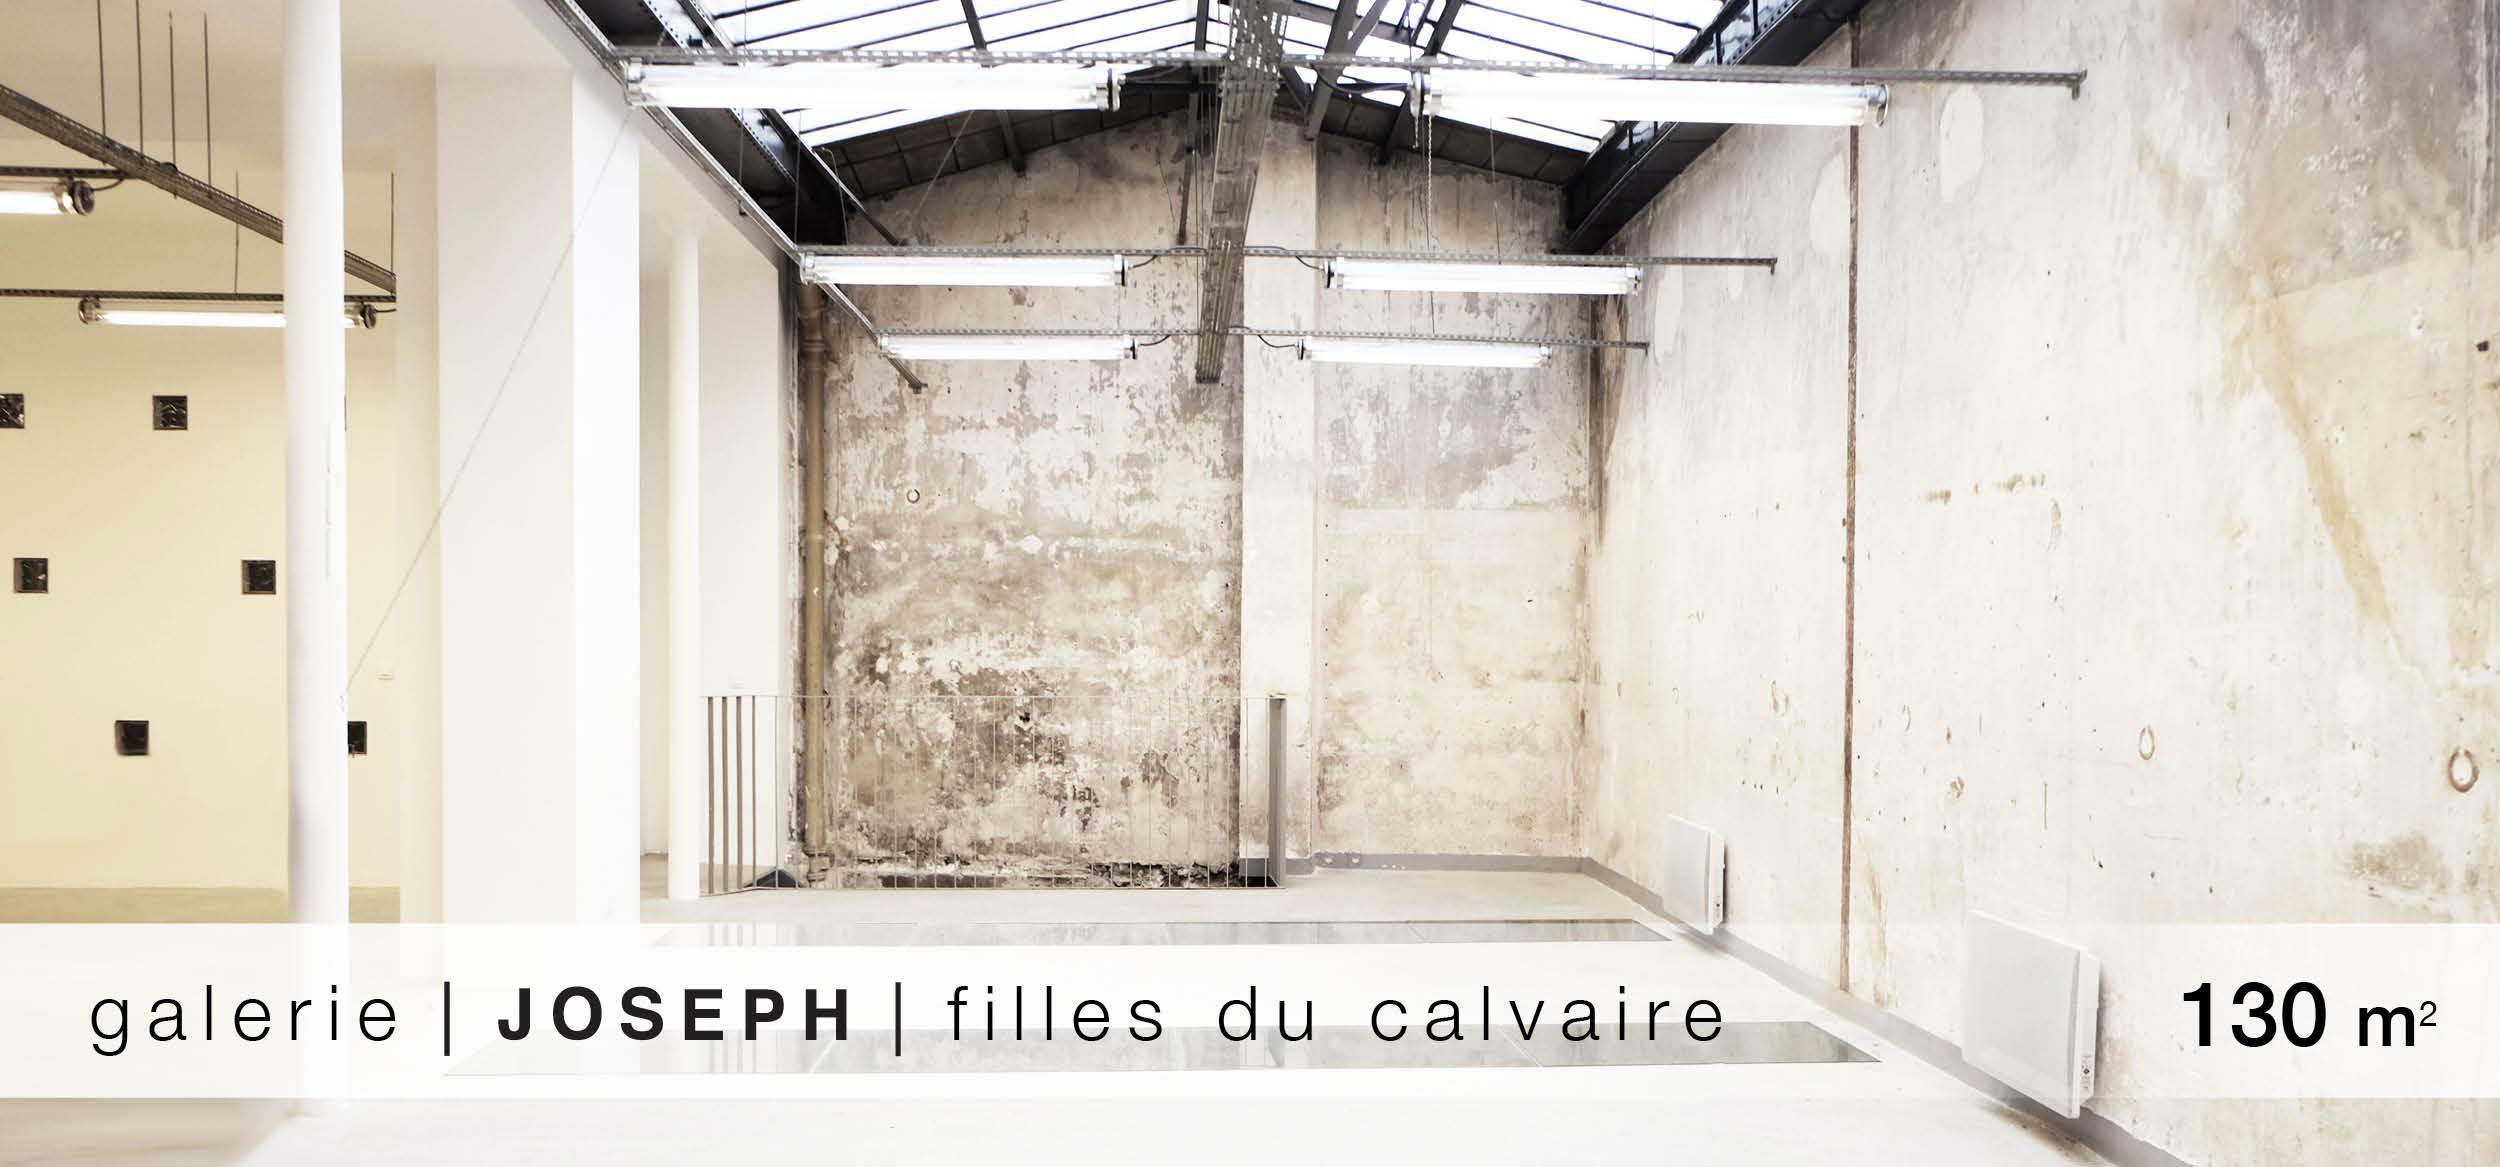 Galerie Joseph Filles du Calvaire location showroom Filles du Calvaire